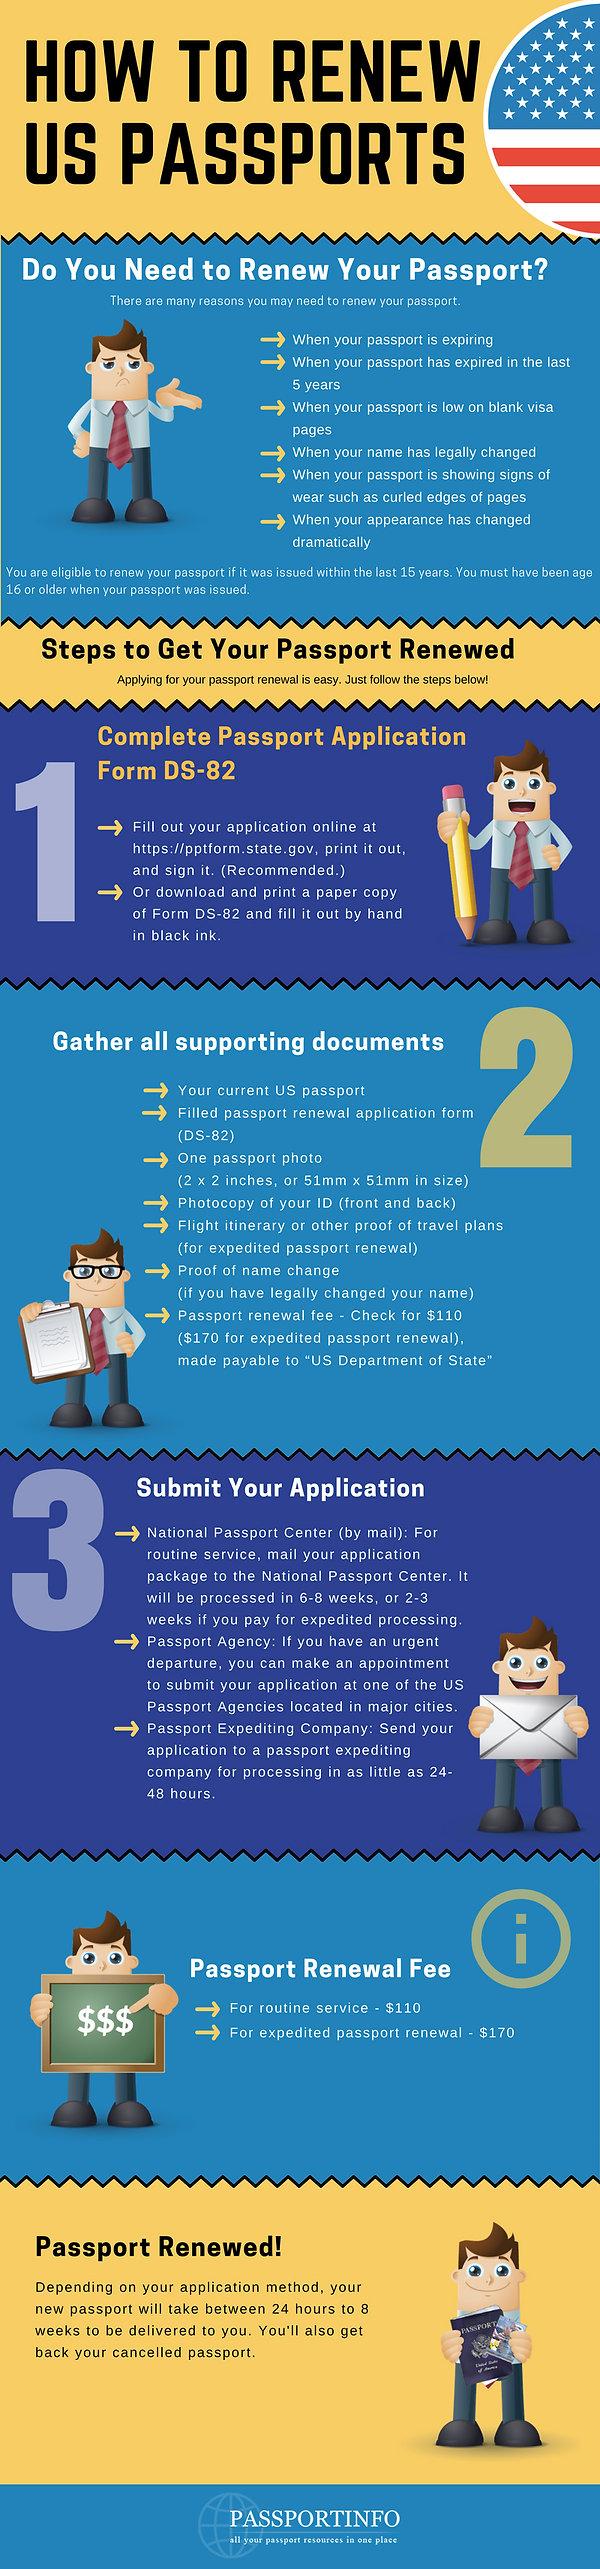 How-to-Renew-US-Passports.jpg